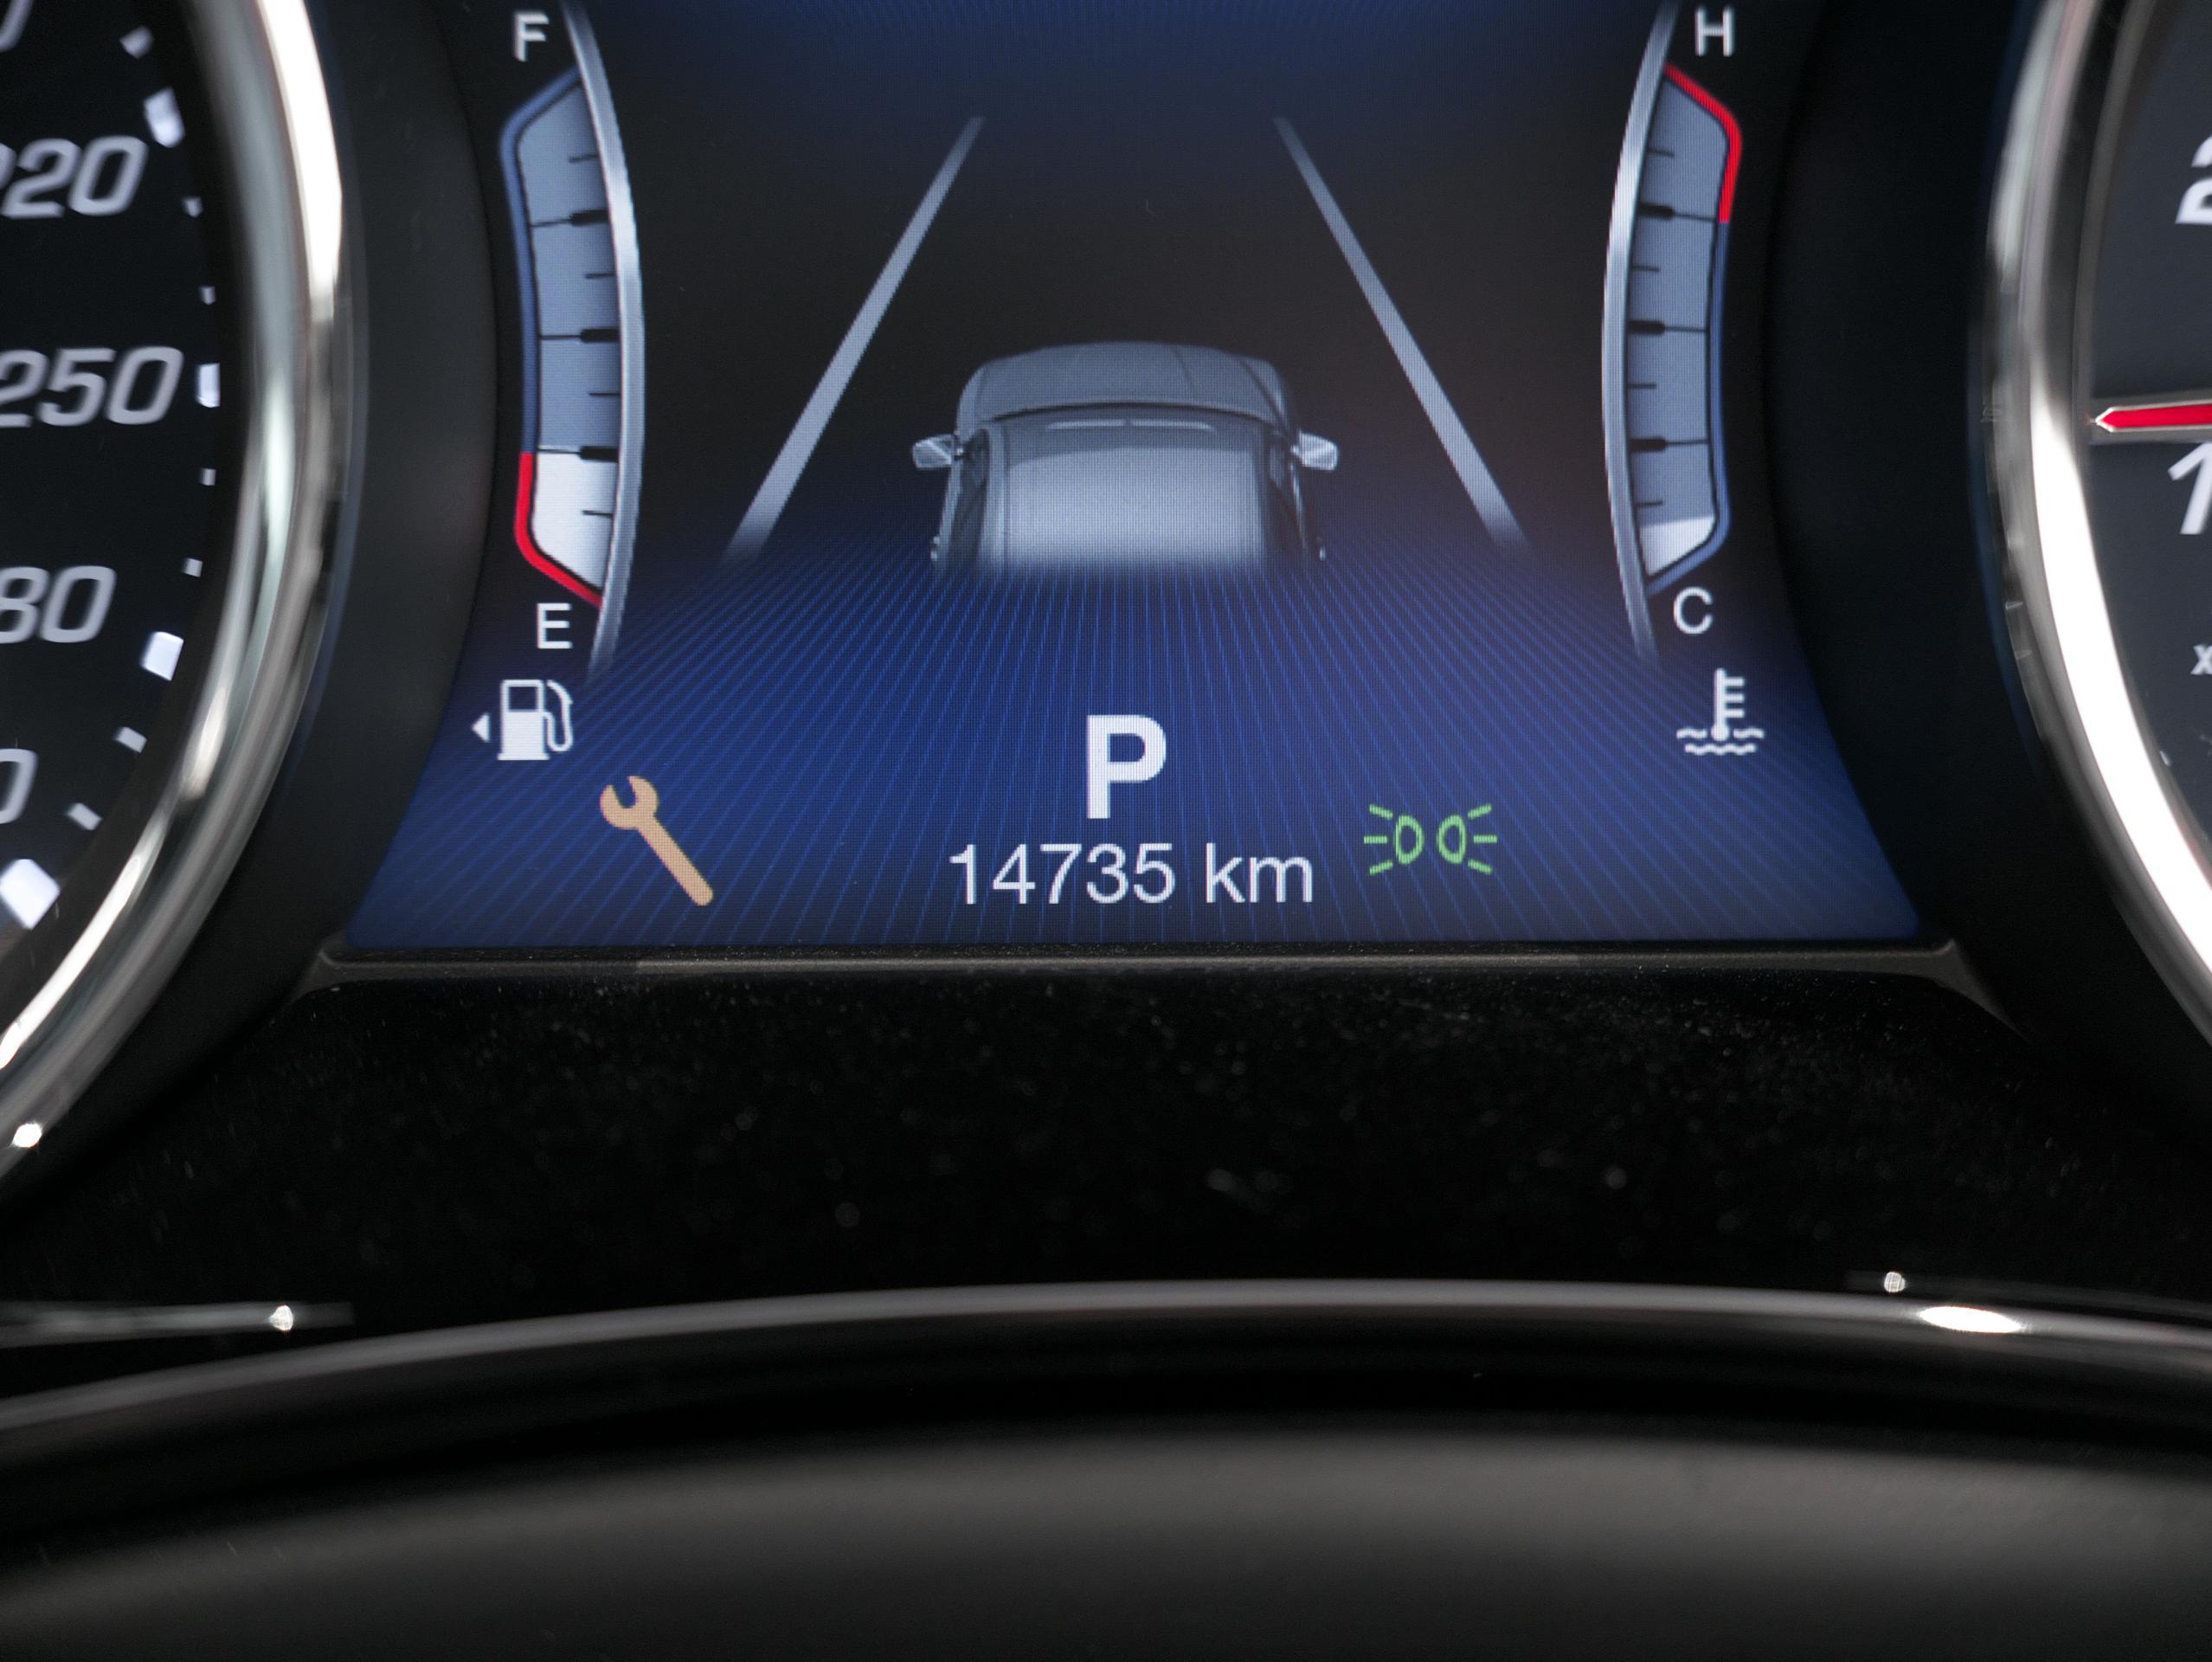 マセラティ クアトロポルテ S グランスポーツ ODOメーター